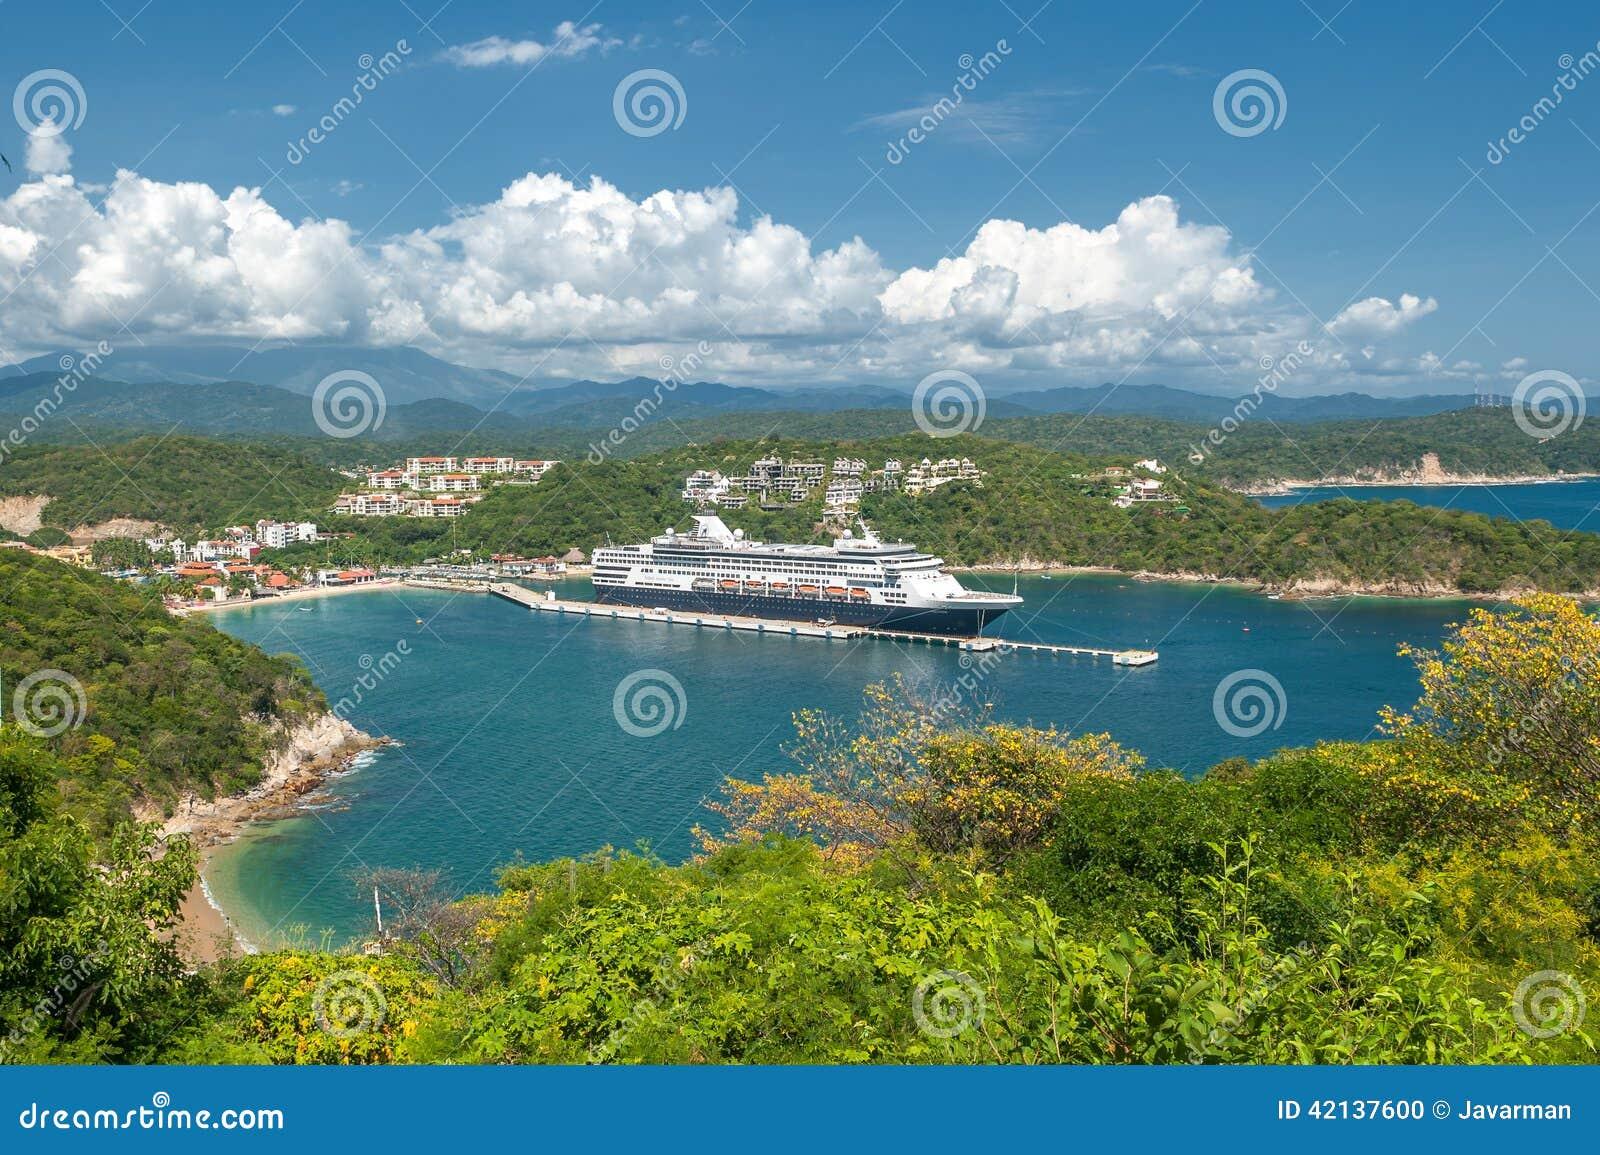 圣玛丽亚HUATULCO,瓦哈卡,墨西哥:巡航划线员在墨西哥